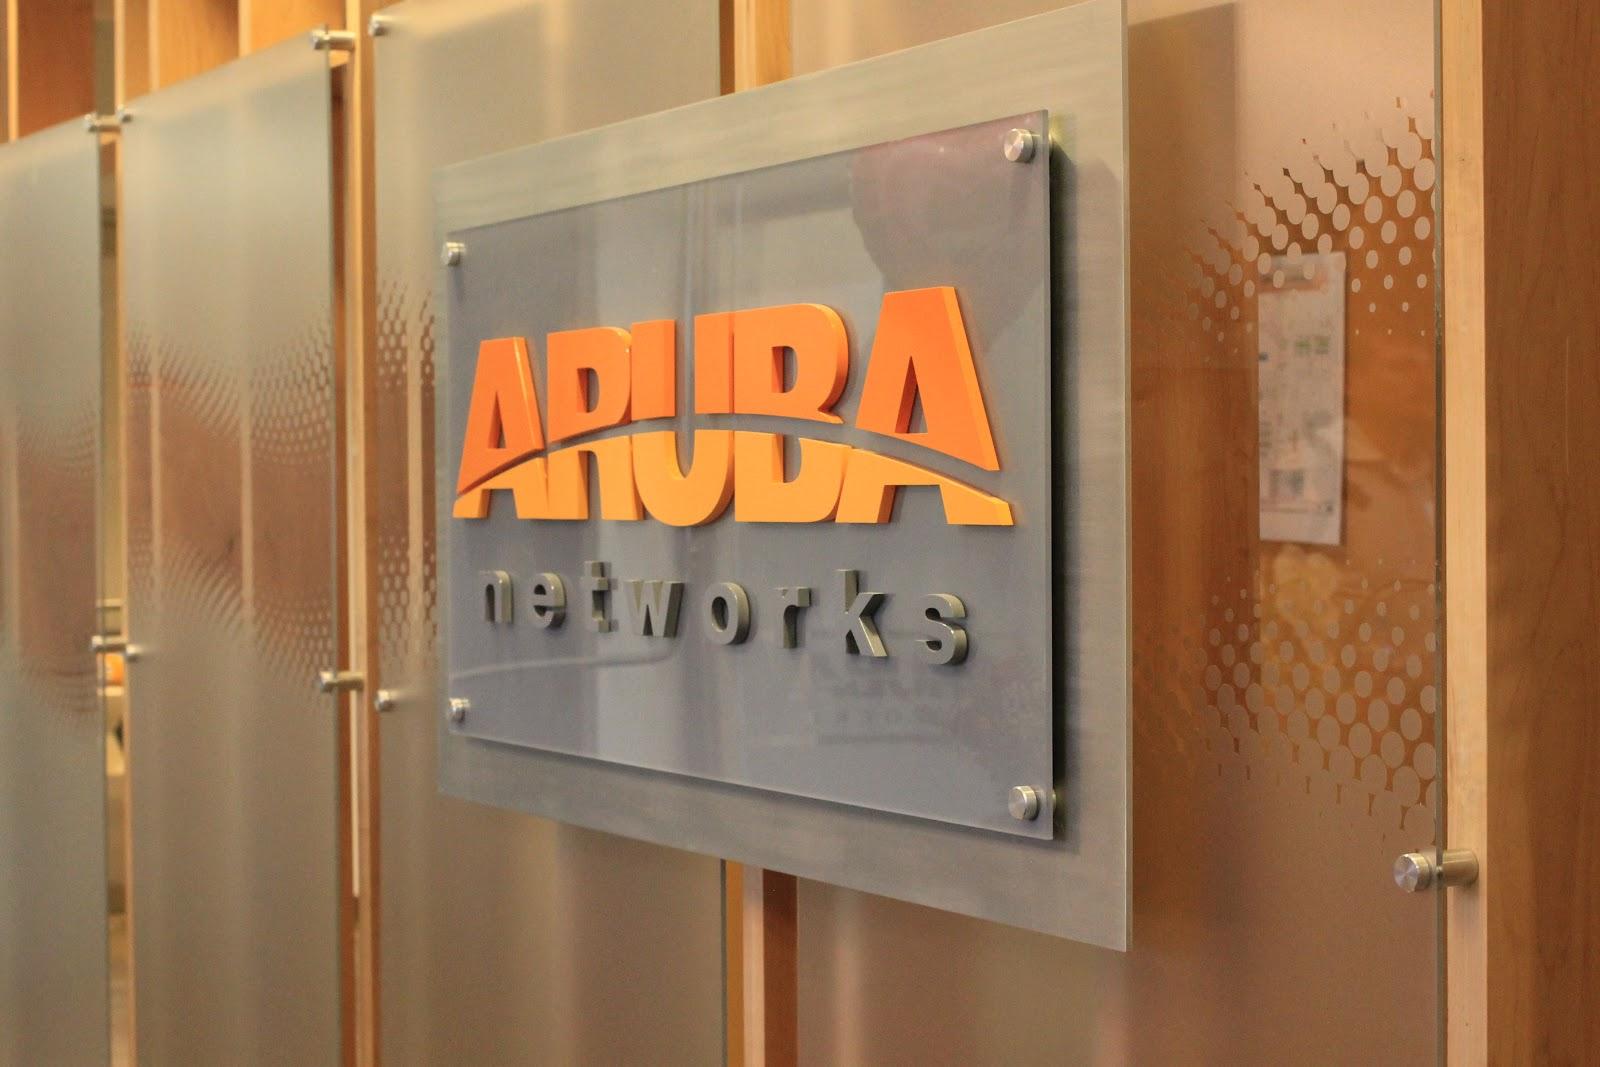 Aruba annuncia una nuova famiglia di access point wireless 802.11ax